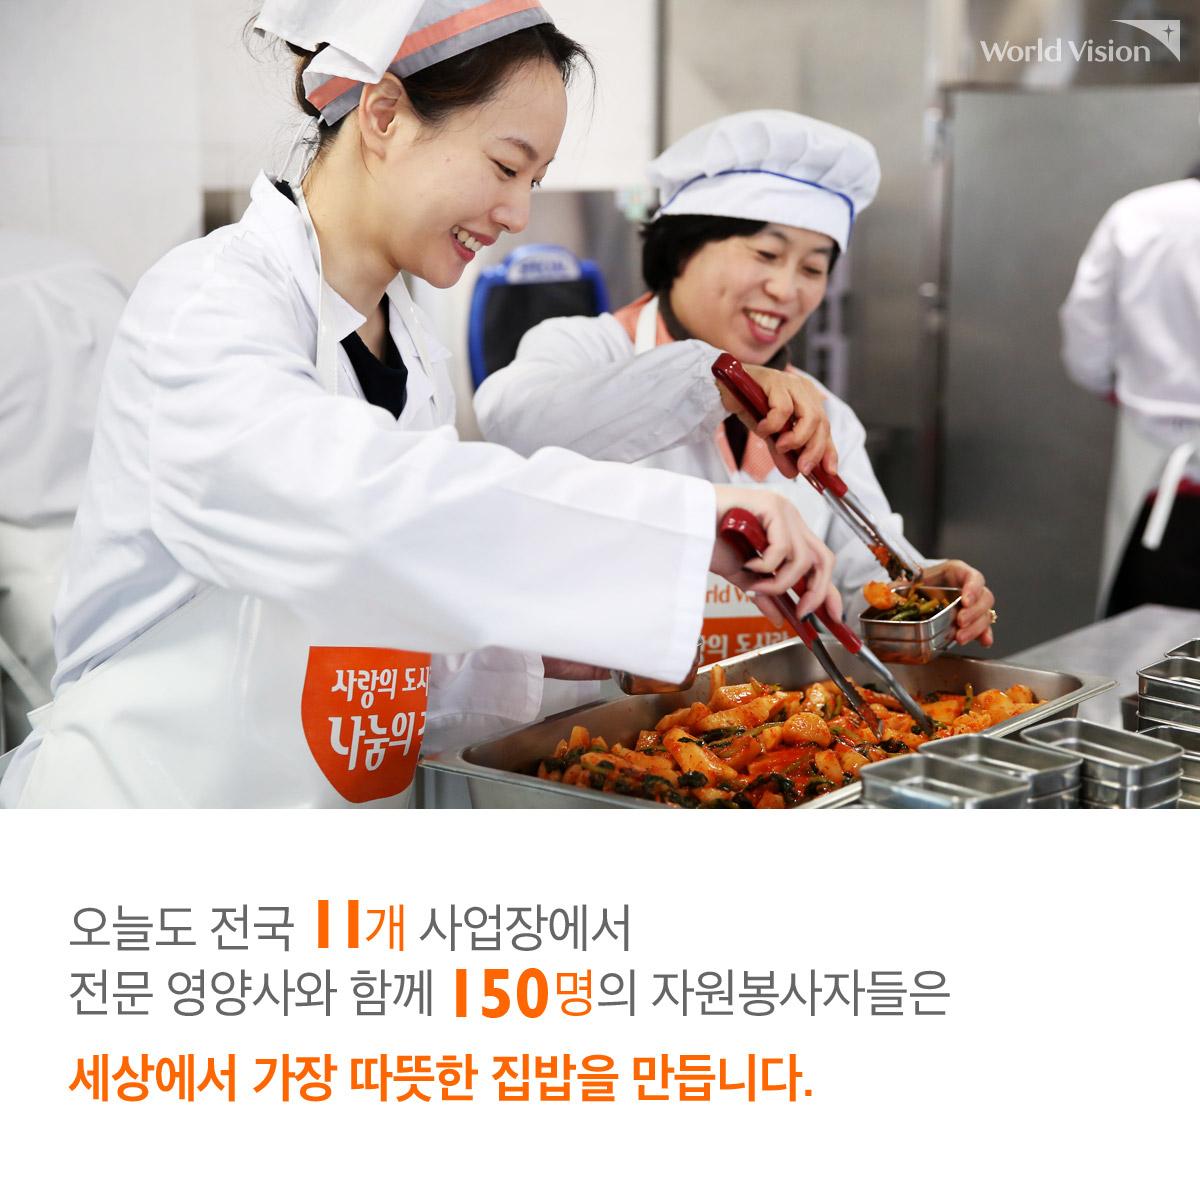 오늘도 전국 11개 사업장에서 전문 영양사와 함께 150명의 자원봉사자들은 세상에서 가장 따뜻한 집밥을 만듭니다.